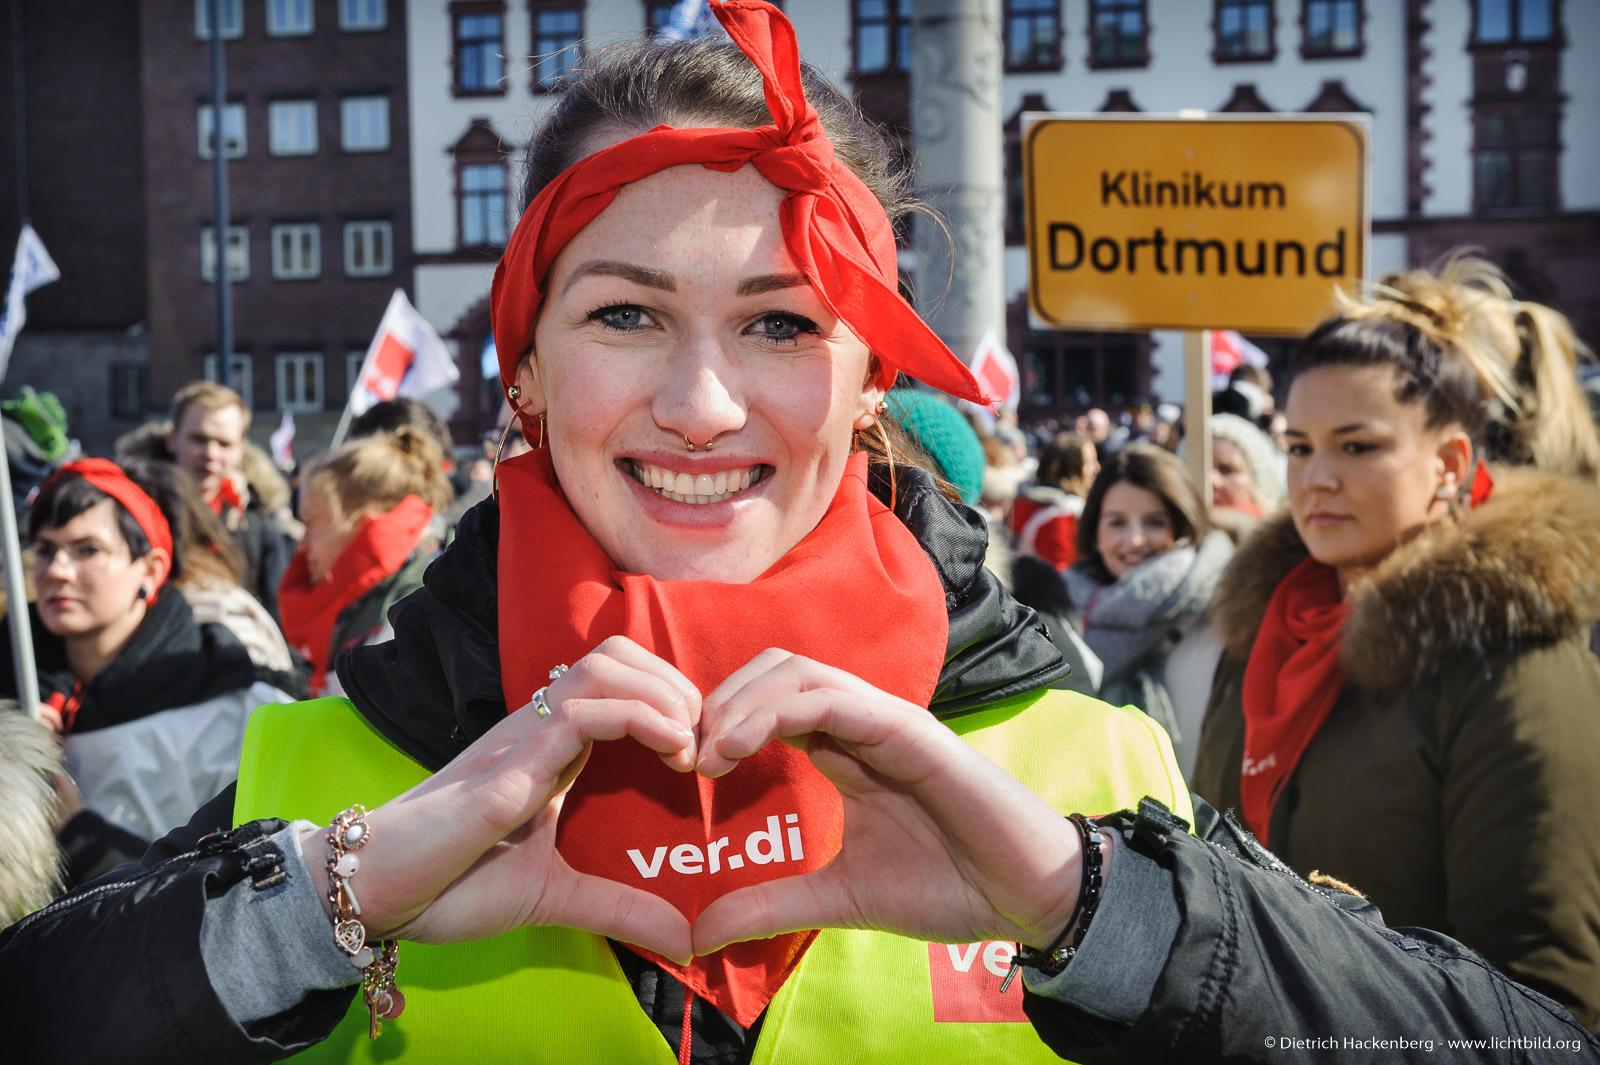 verdi Jugend Dortmund Friedensplatz beim Warnstreik des öffentlichen Dienstes am 20.03.2018 - Foto © Dietrich Hackenberg